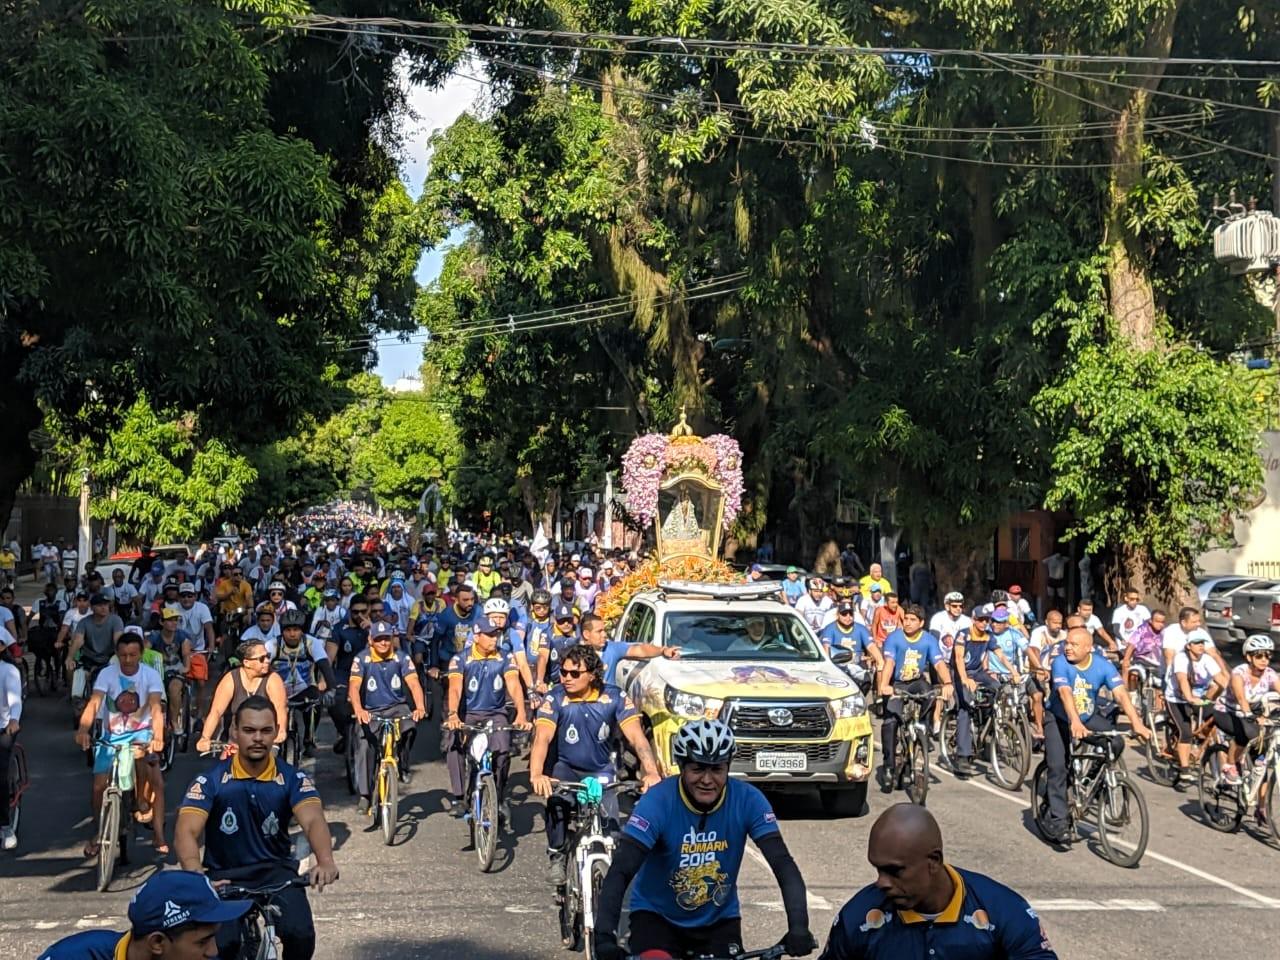 Devotos pedalam para homenagear Nossa Senhora de Nazaré em Belém - Notícias - Plantão Diário